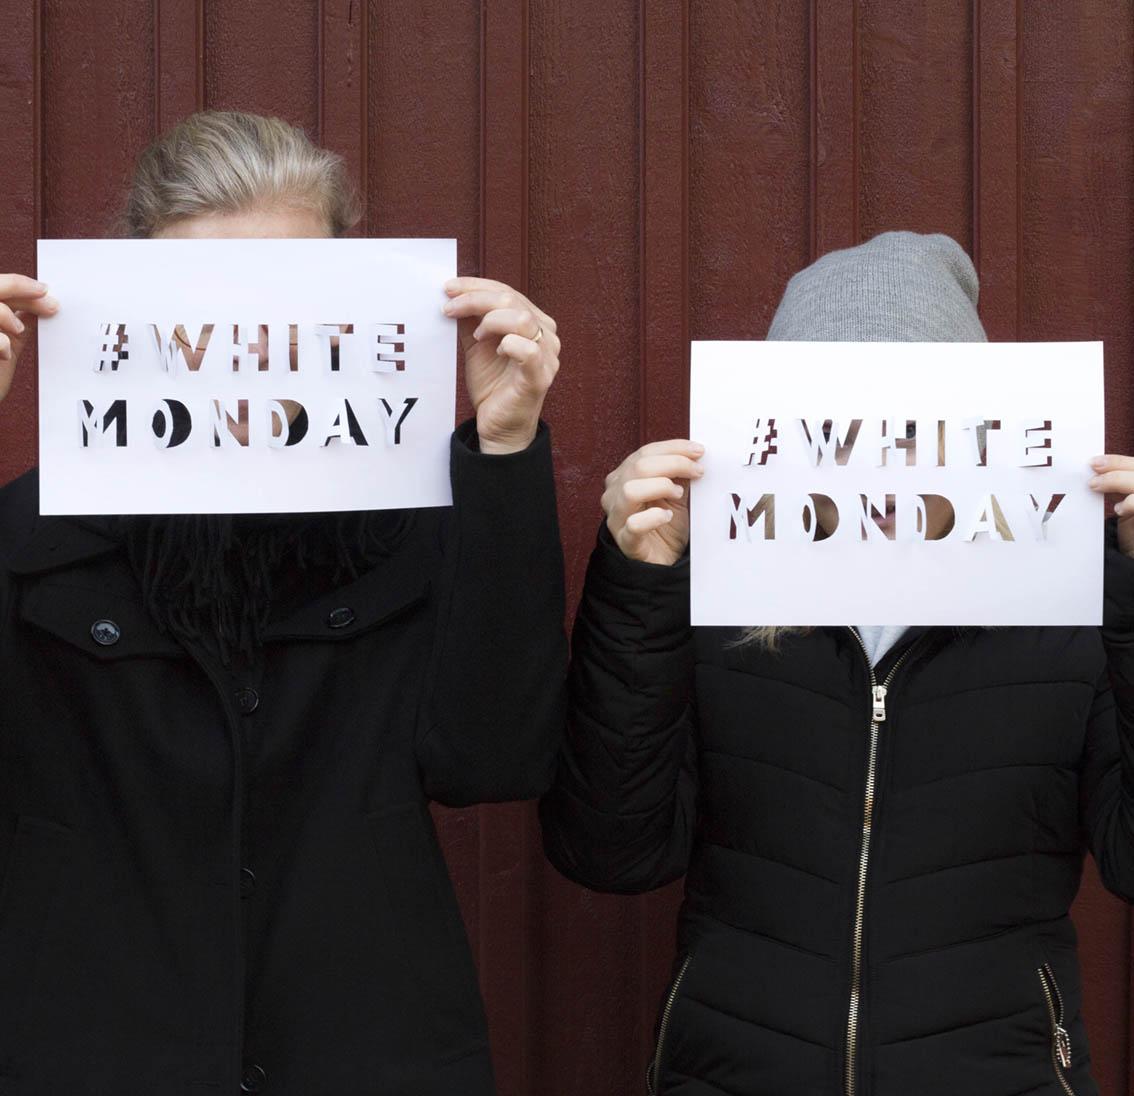 #whitemonday   Pysselbolaget